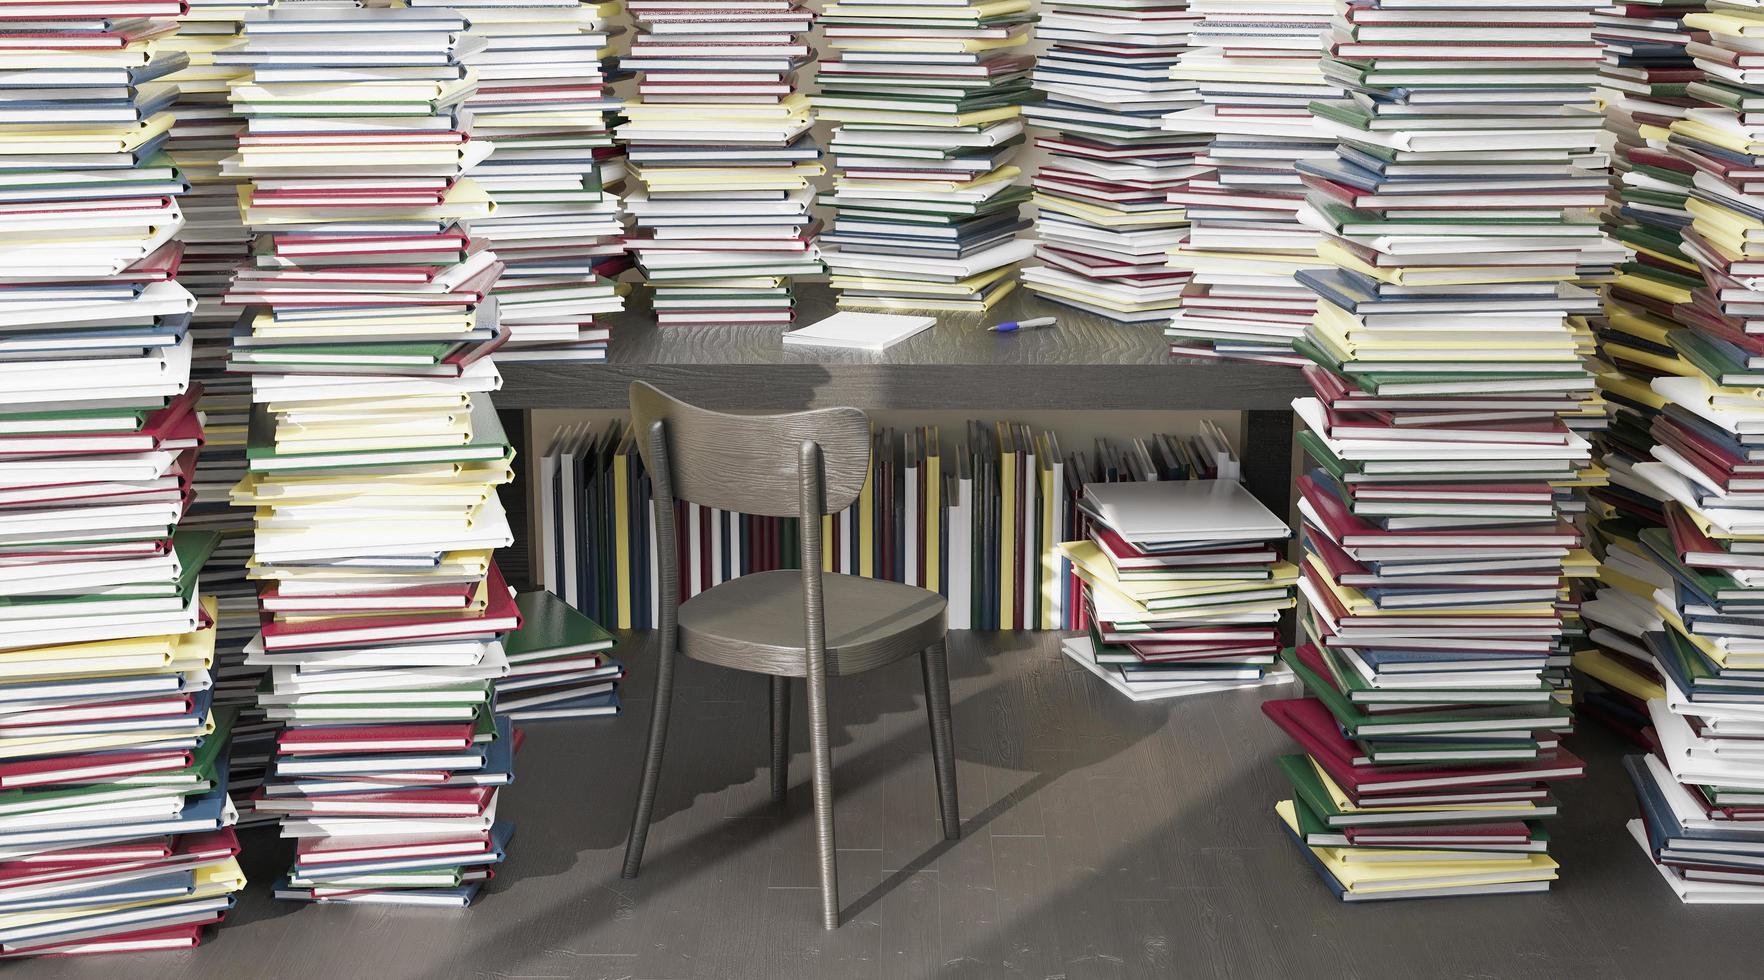 skrivbord omgivet av många böcker staplade runt foto